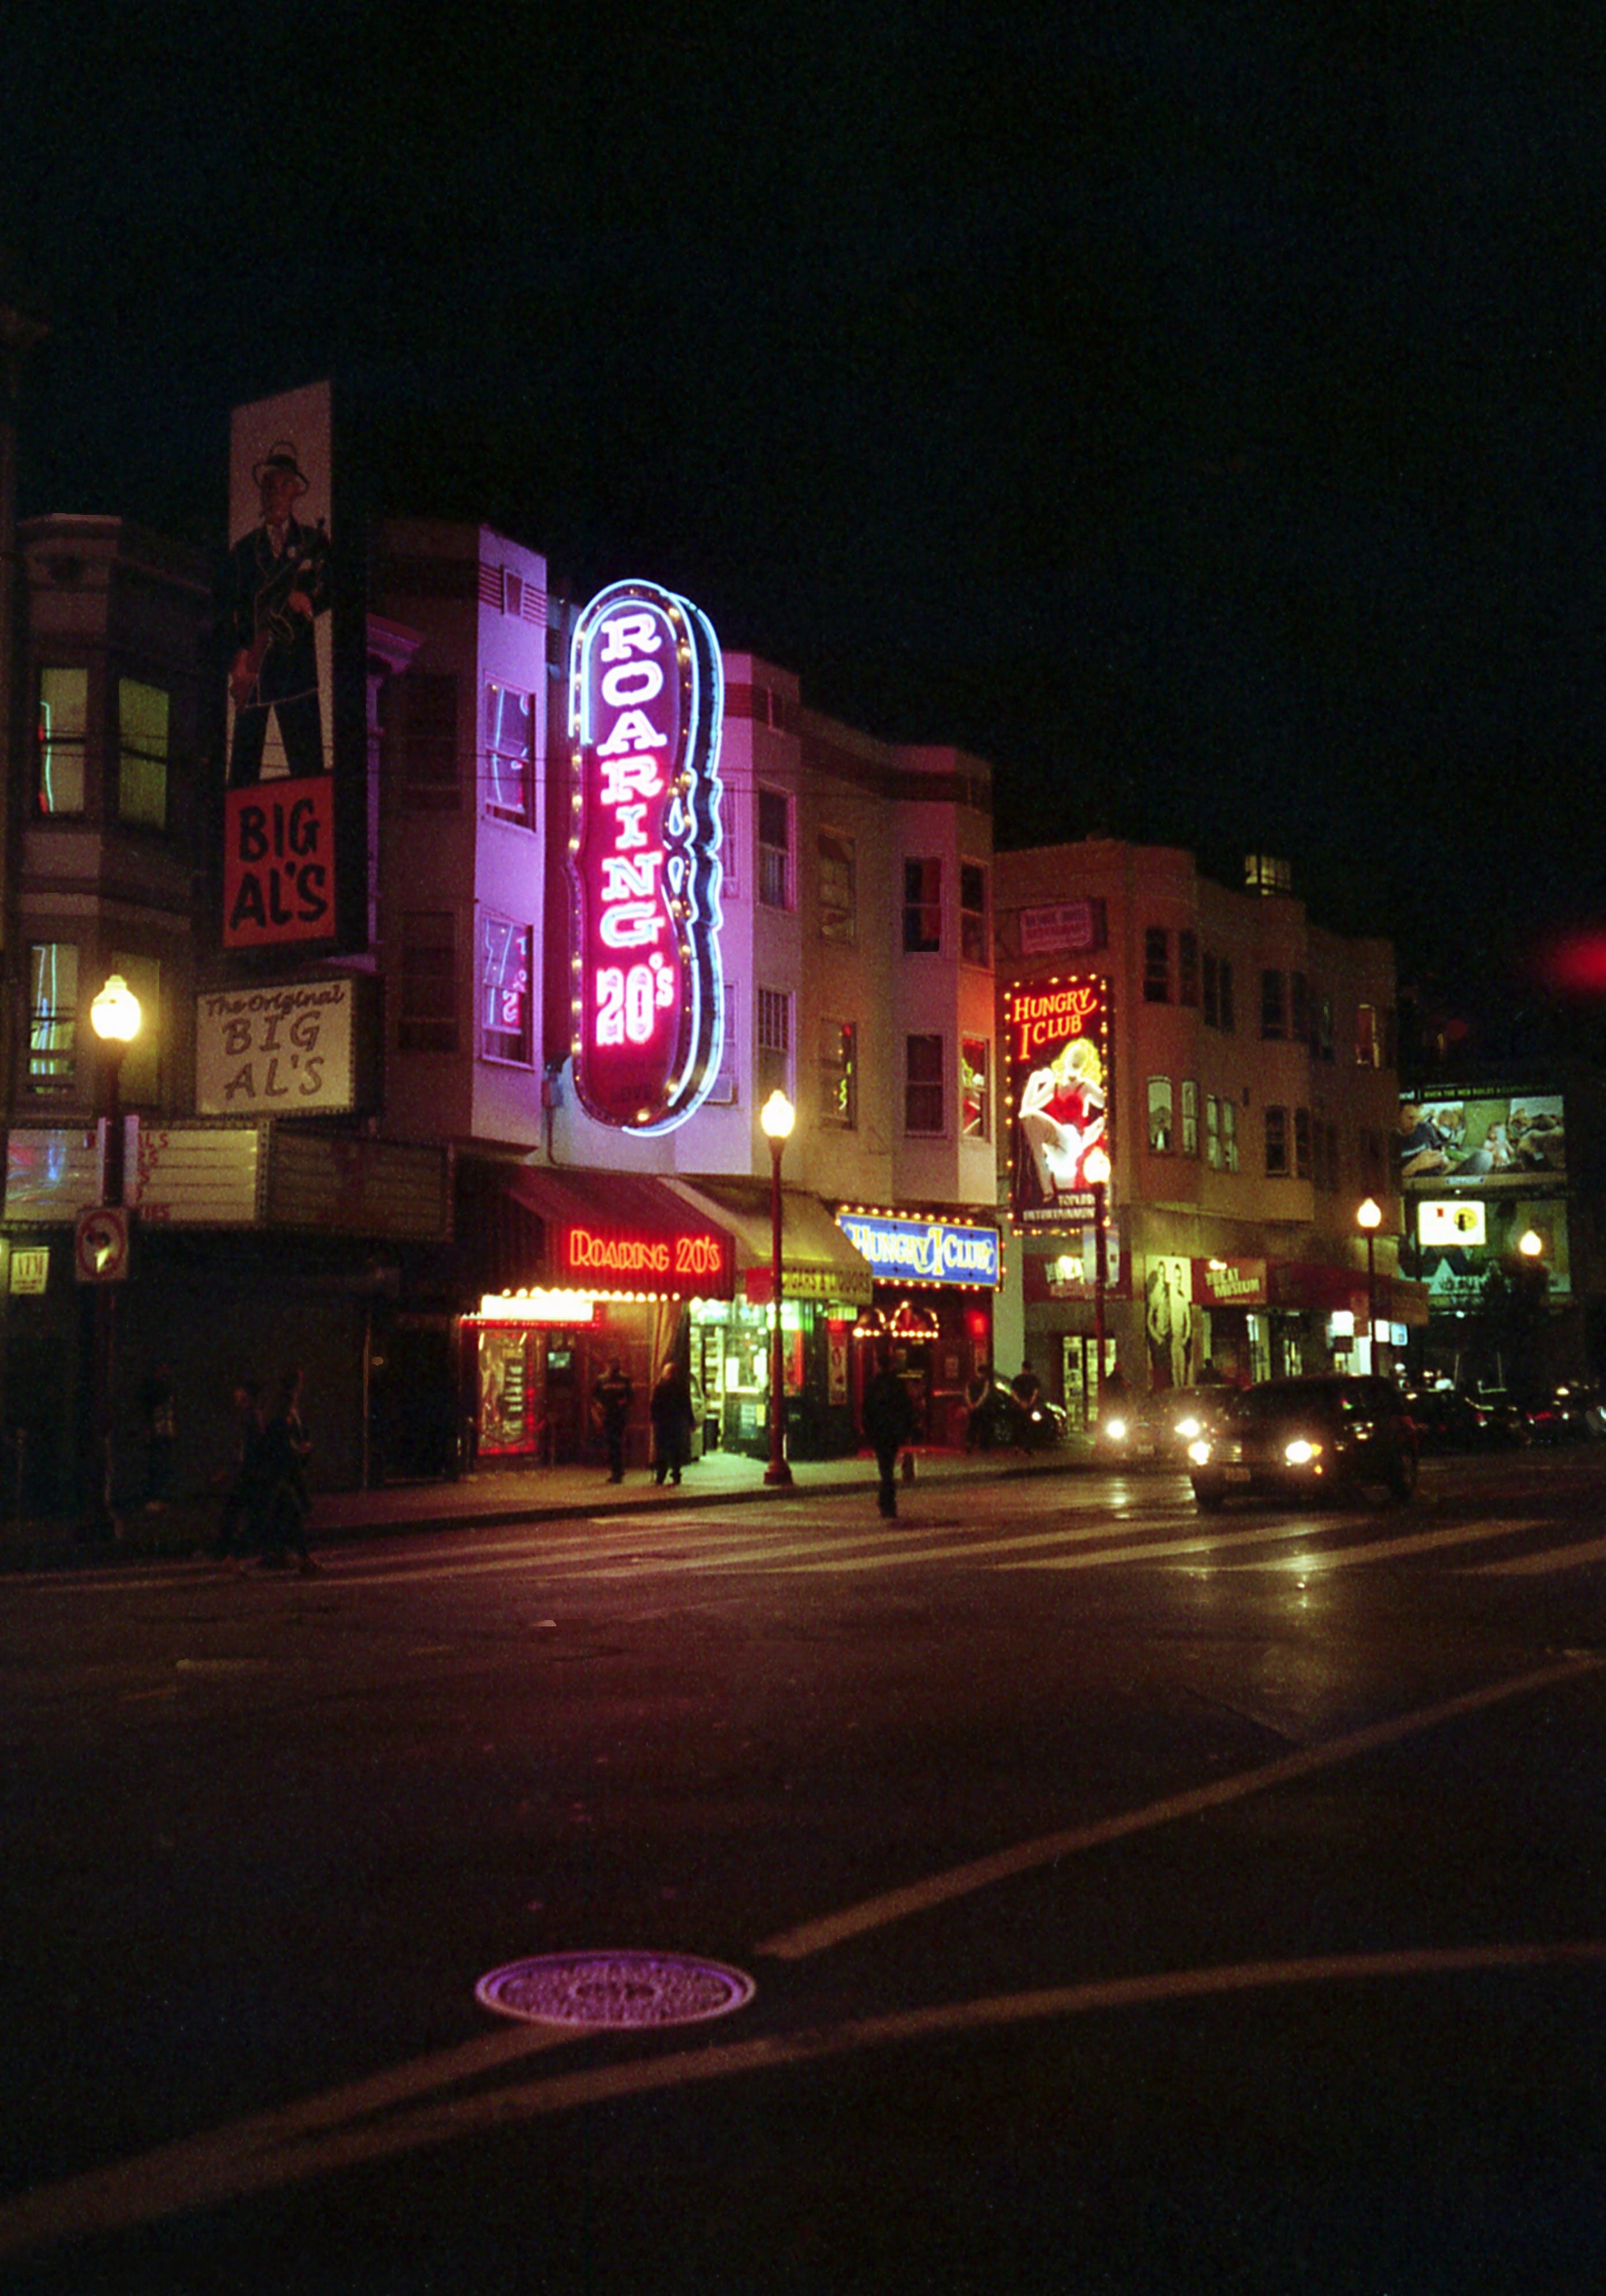 Kostenloses Stock Foto zu abend, architektur, beleuchtet, innenstadt